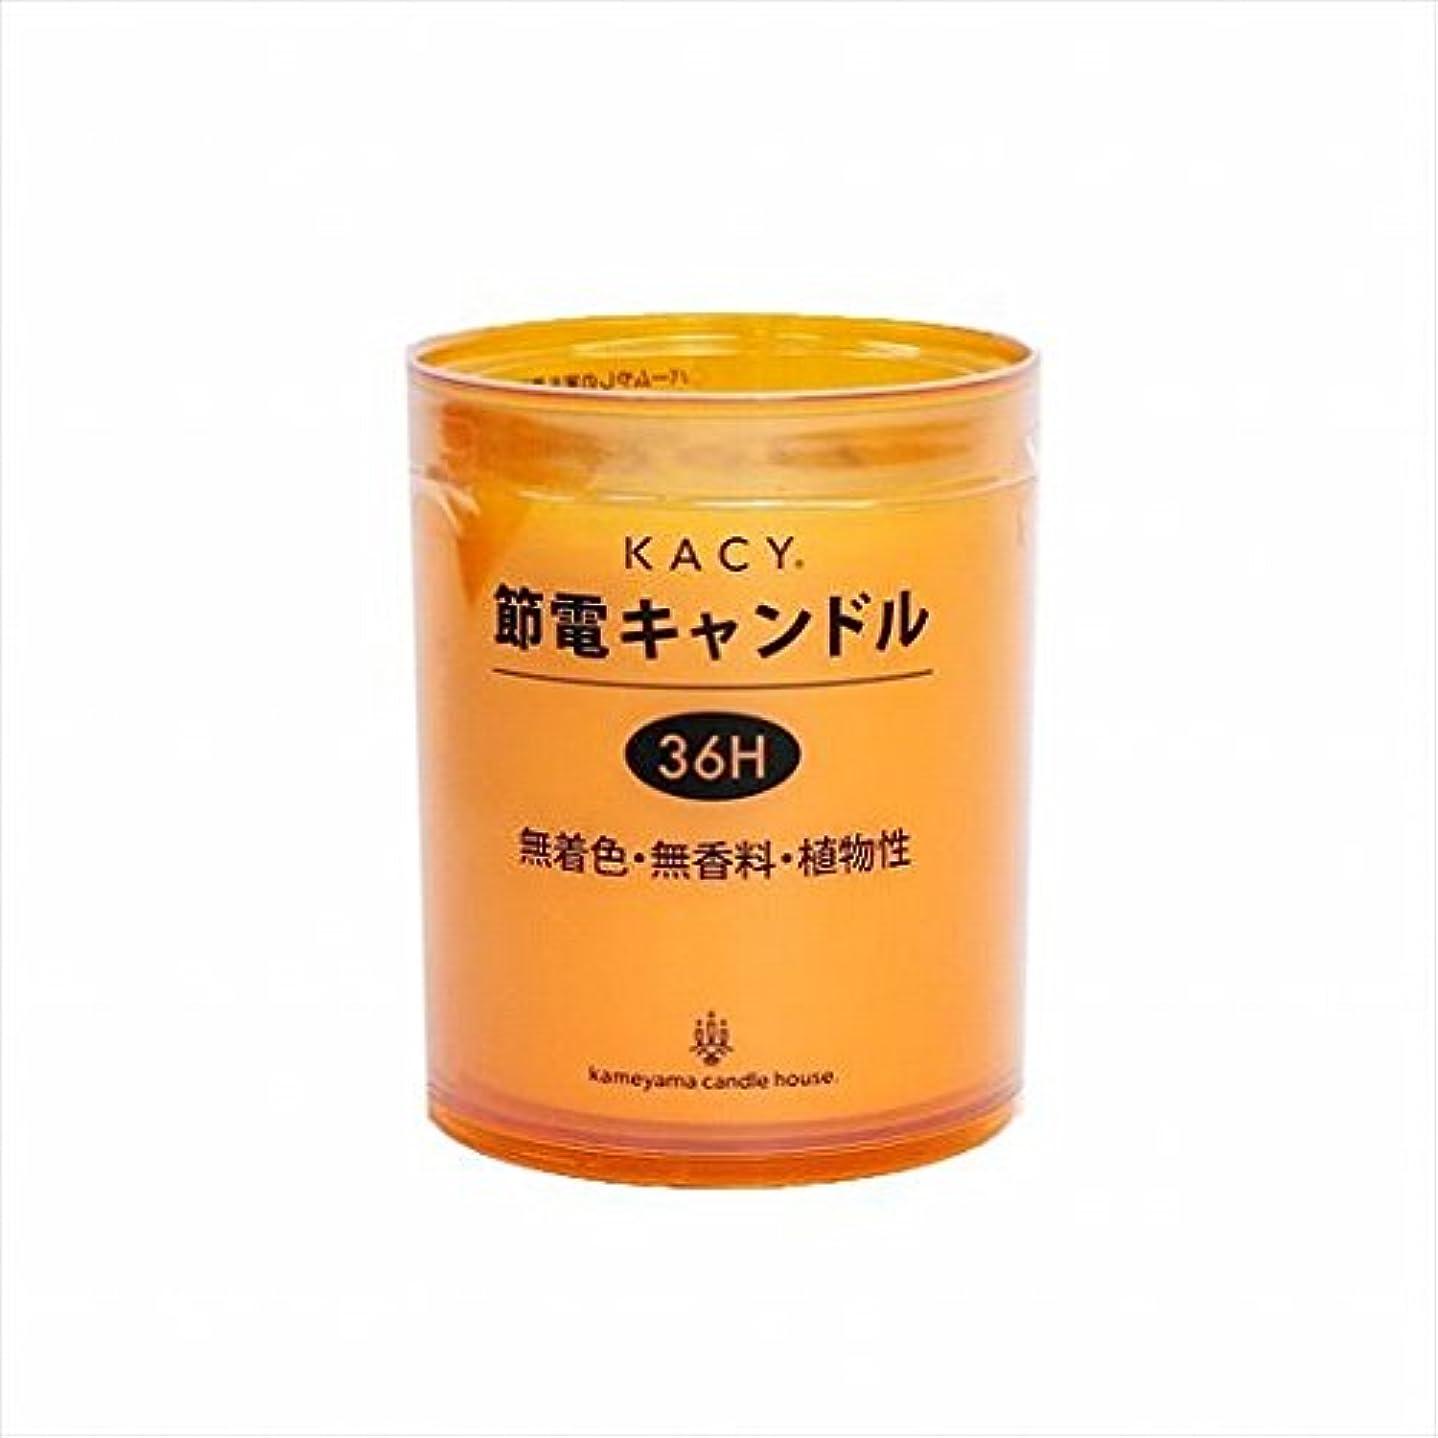 嫉妬アカデミック親指カメヤマキャンドル(kameyama candle) 節電キャンドル 36時間タイプ 「 オレンジ 」